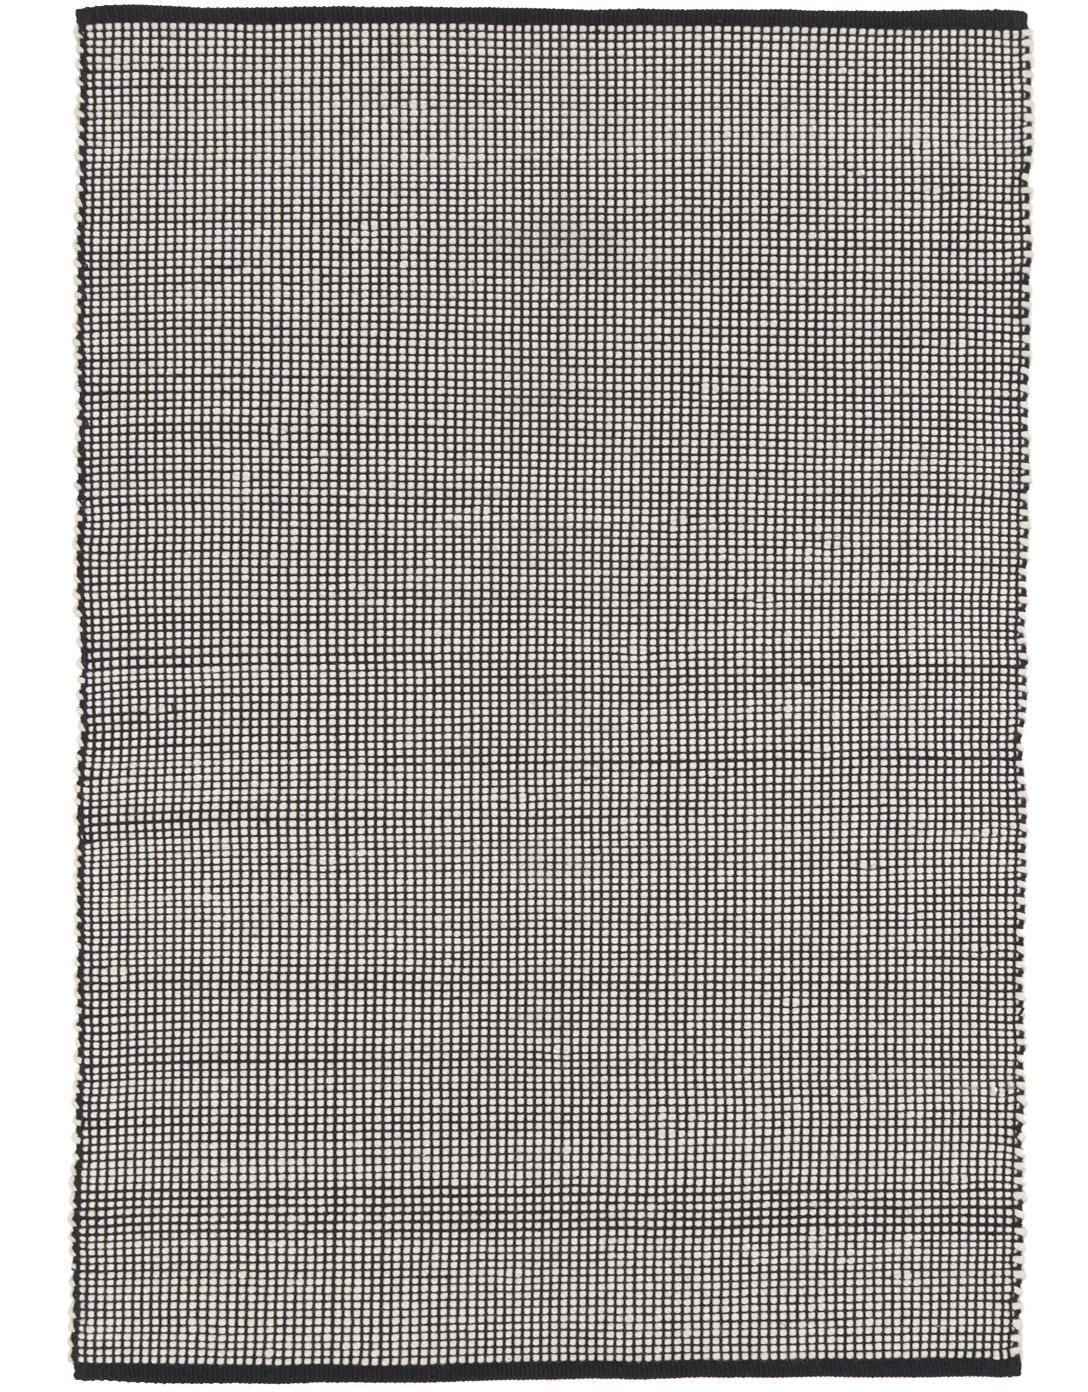 Tappeto in lana tessuto a mano Amaro, Nero, crema, Larg. 160 x Lung. 230 cm (taglia M)